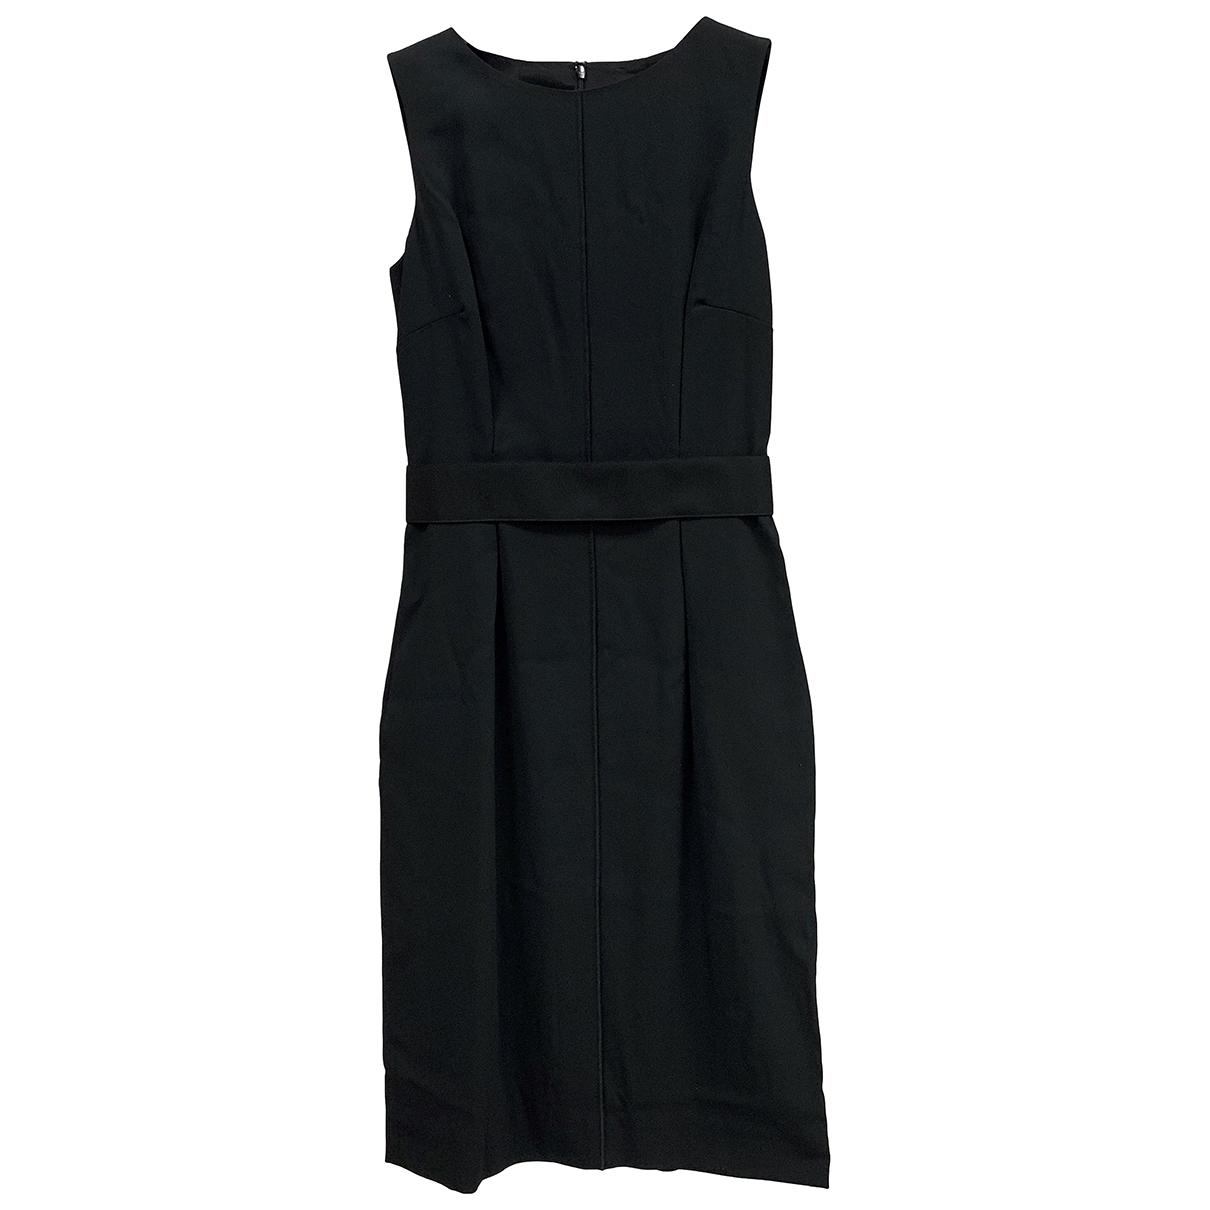 Dolce & Gabbana \N Kleid in  Schwarz Viskose